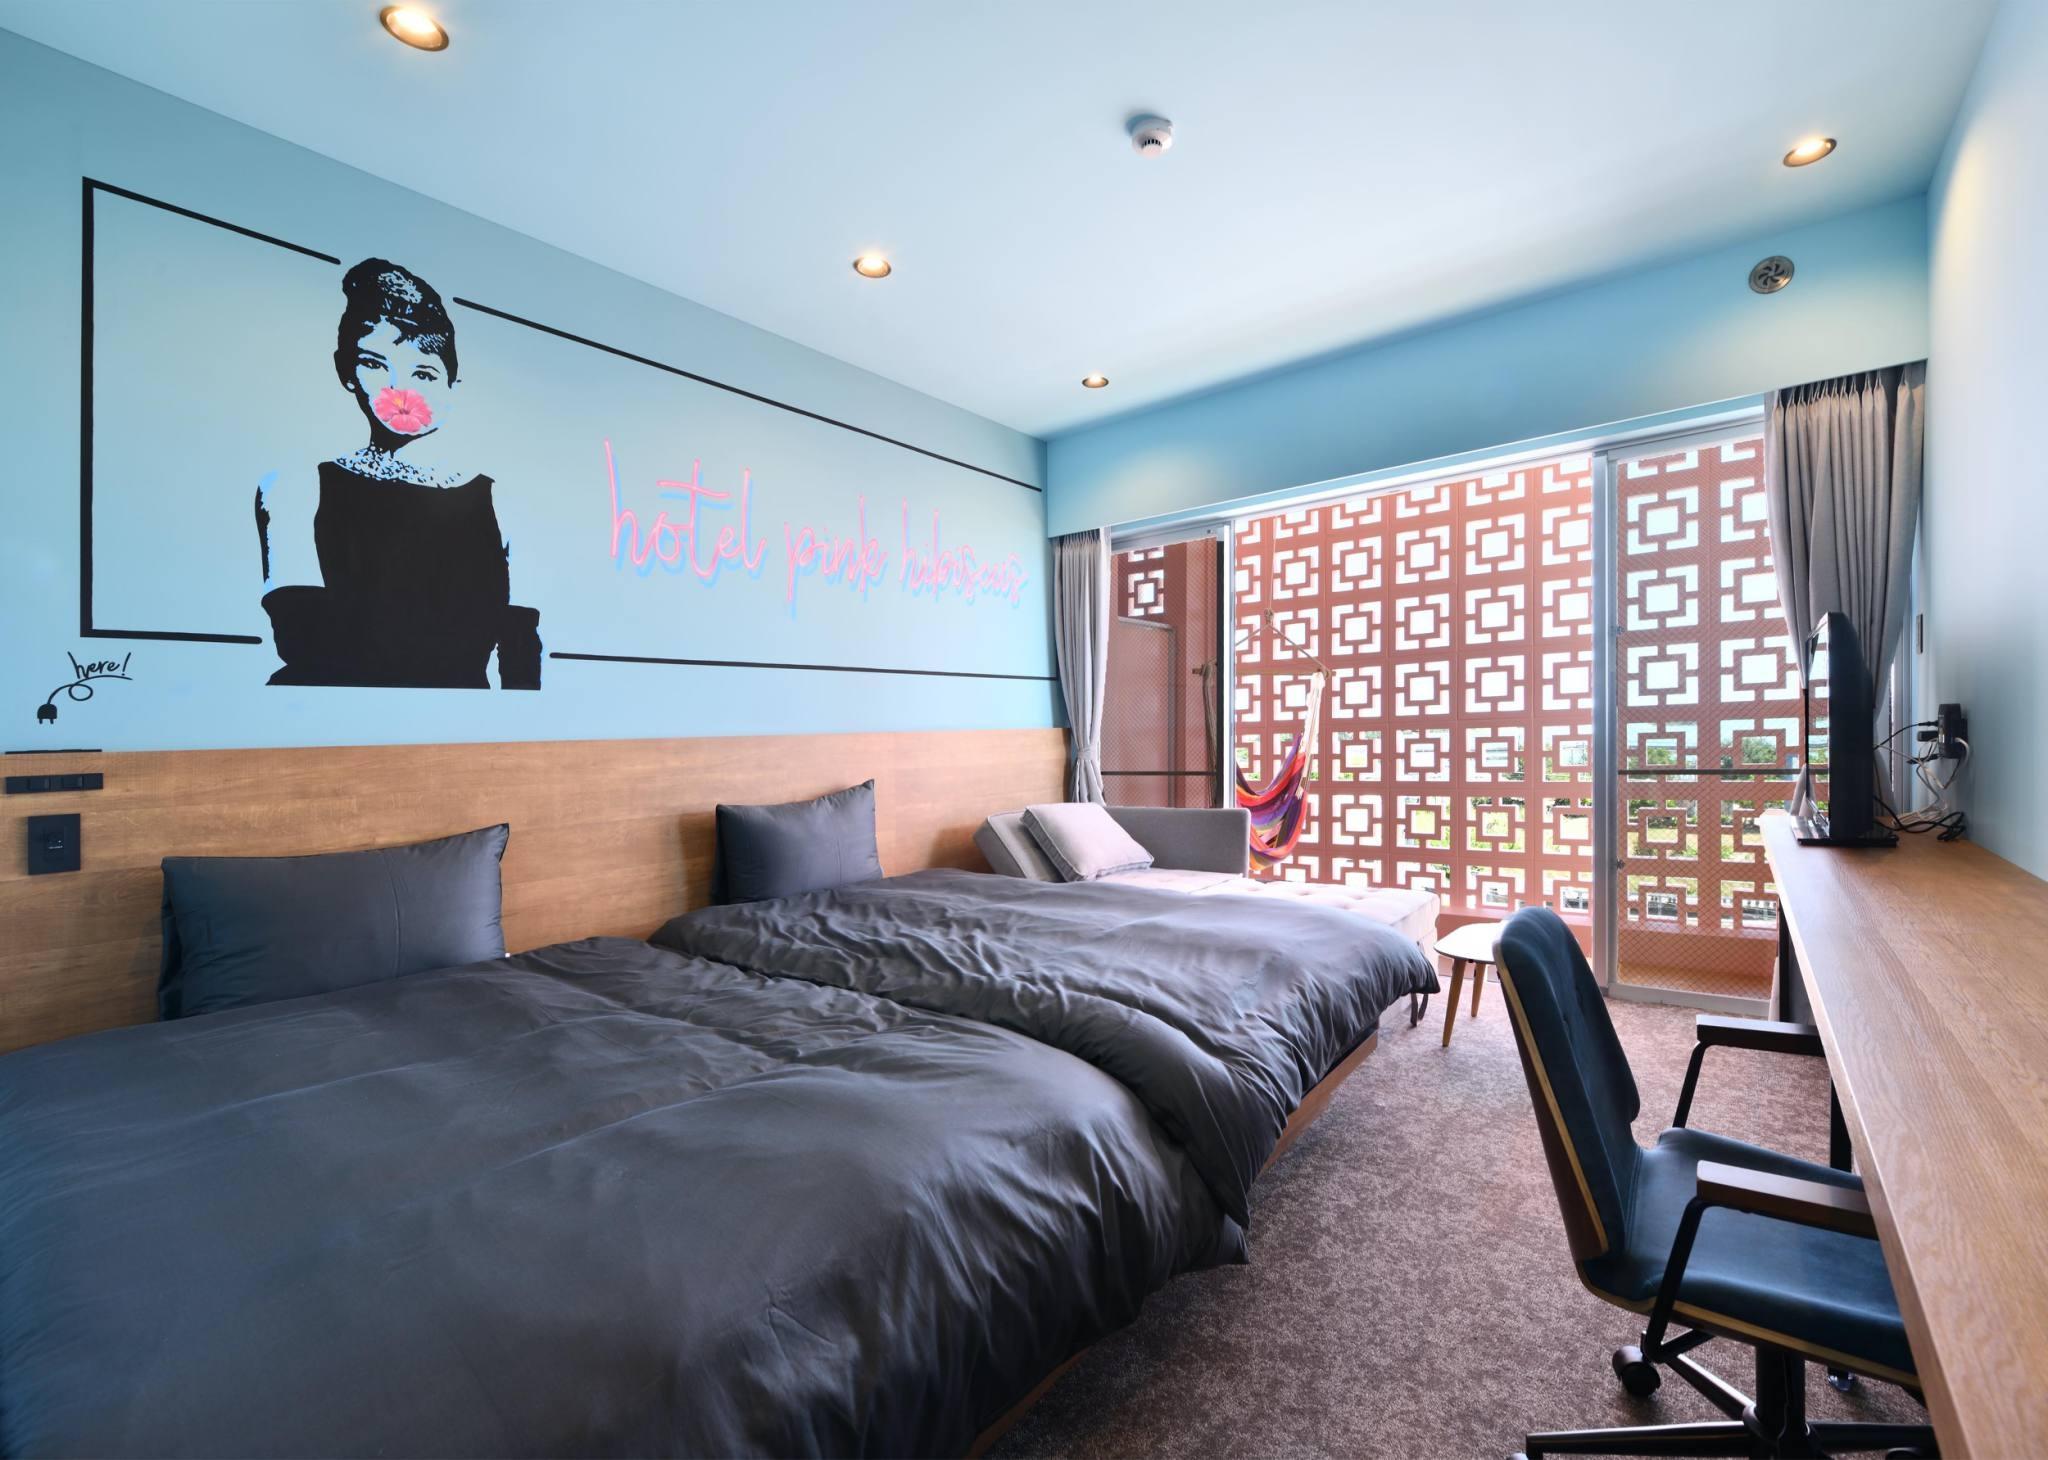 ホテル ピンク ハイビスカス ツイン+ソファーベッド・洋・コンドミニアムタイプ